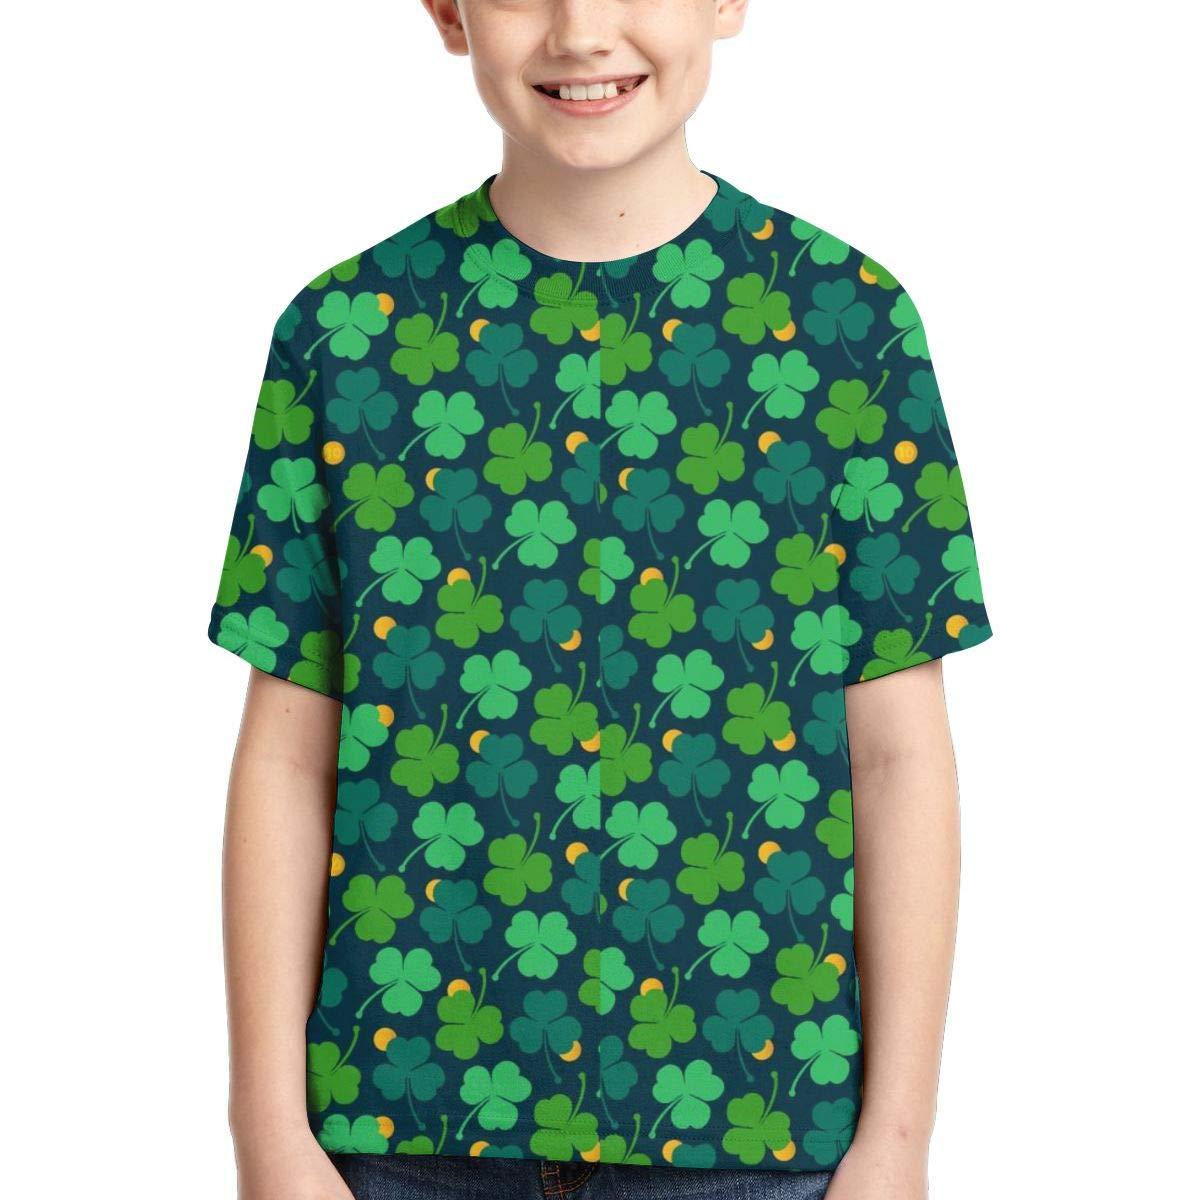 HHTZTCL Green Shamrock Kids Print Graphic Tee Short Sleeve T-Shirt